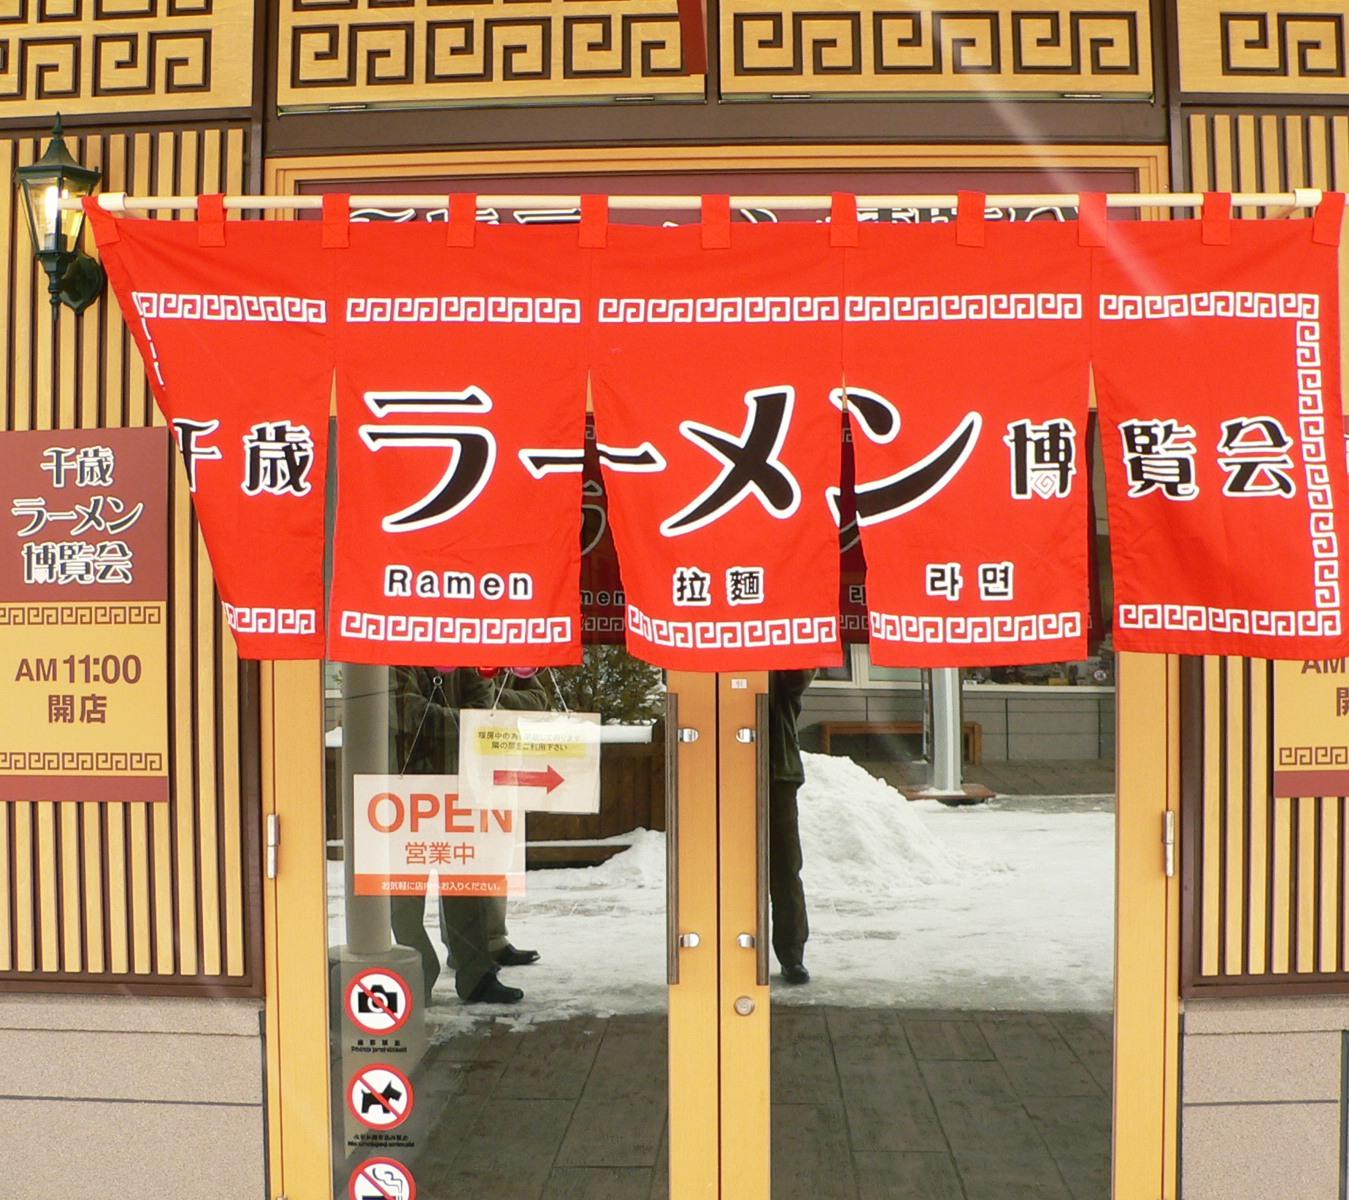 新千岁机场旁,北海道必逛最大购物城「Chitose Outlet Mall Rera」内的千岁拉面博览会